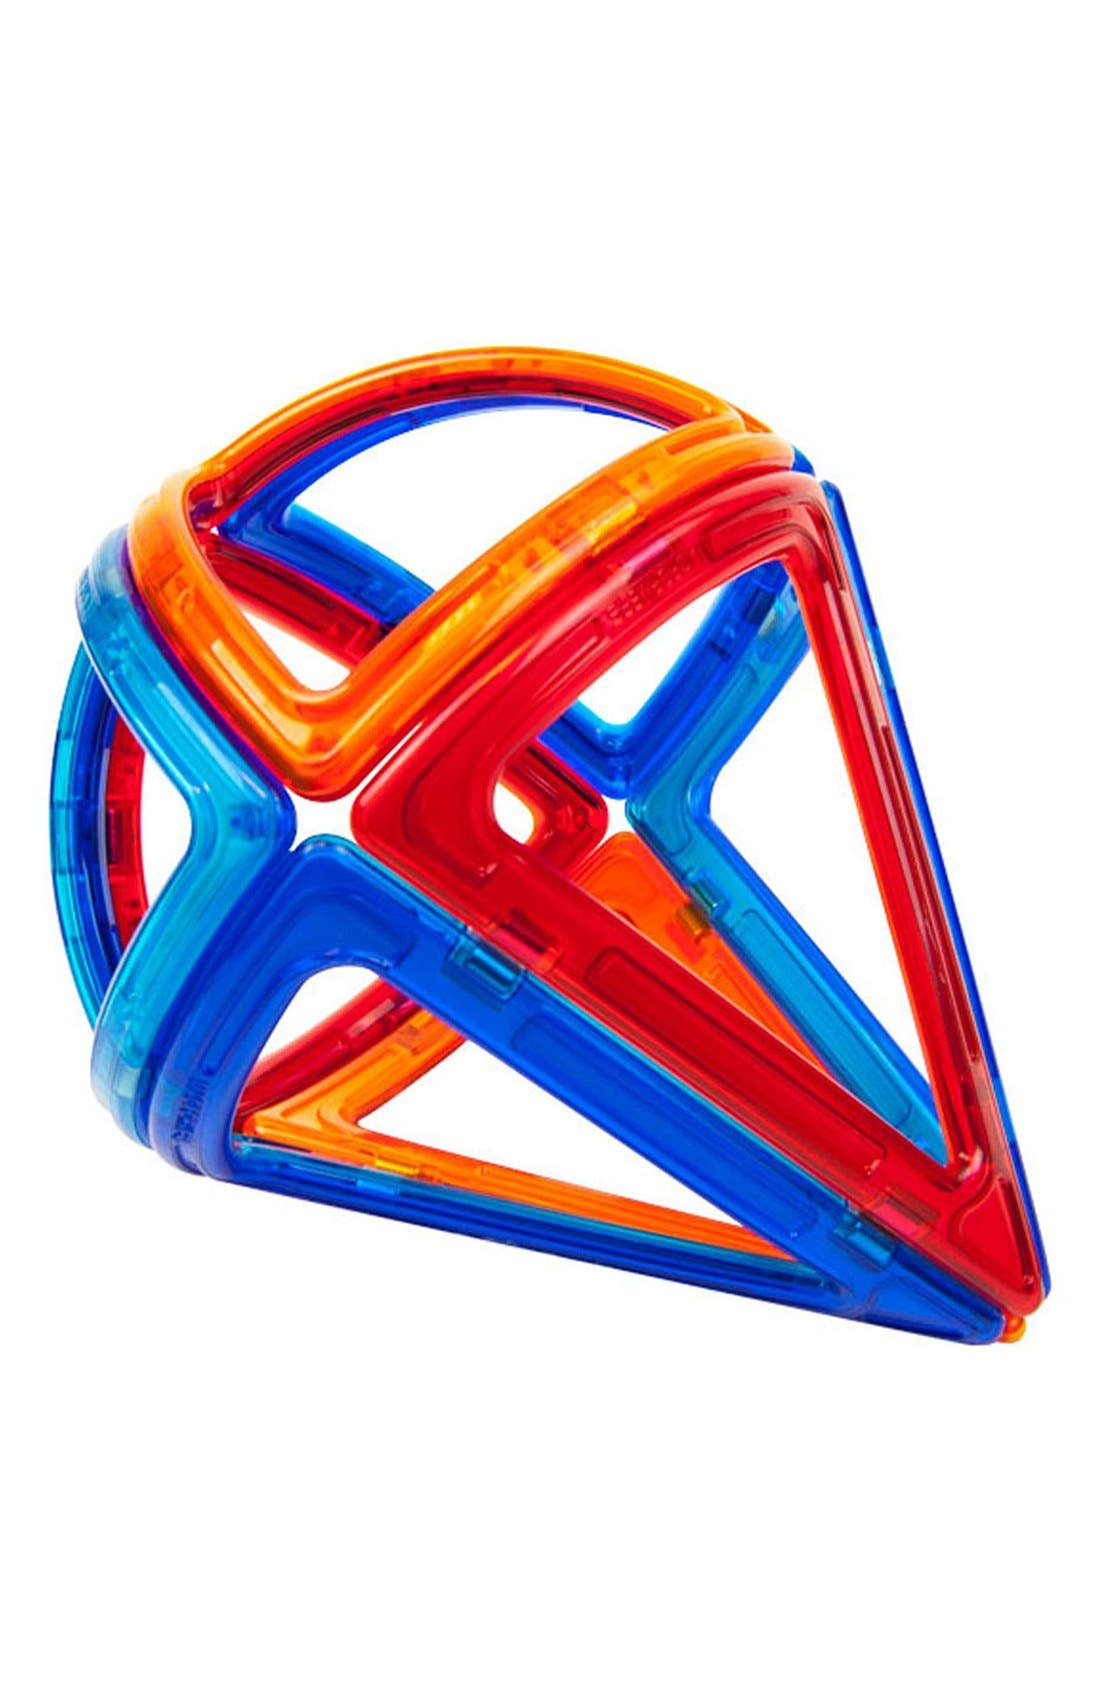 'Creator - Unique' Magnetic 3D Construction Set,                             Alternate thumbnail 6, color,                             400